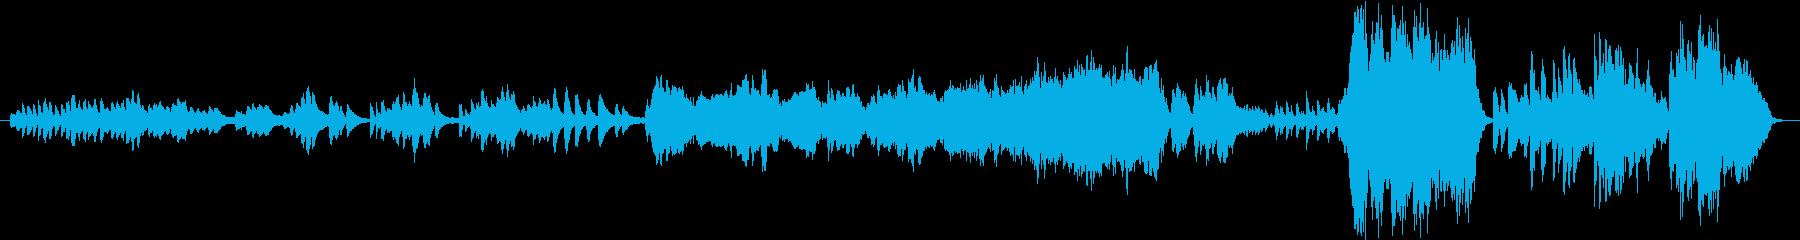 リラックス・映画音楽・CaféBGMにの再生済みの波形